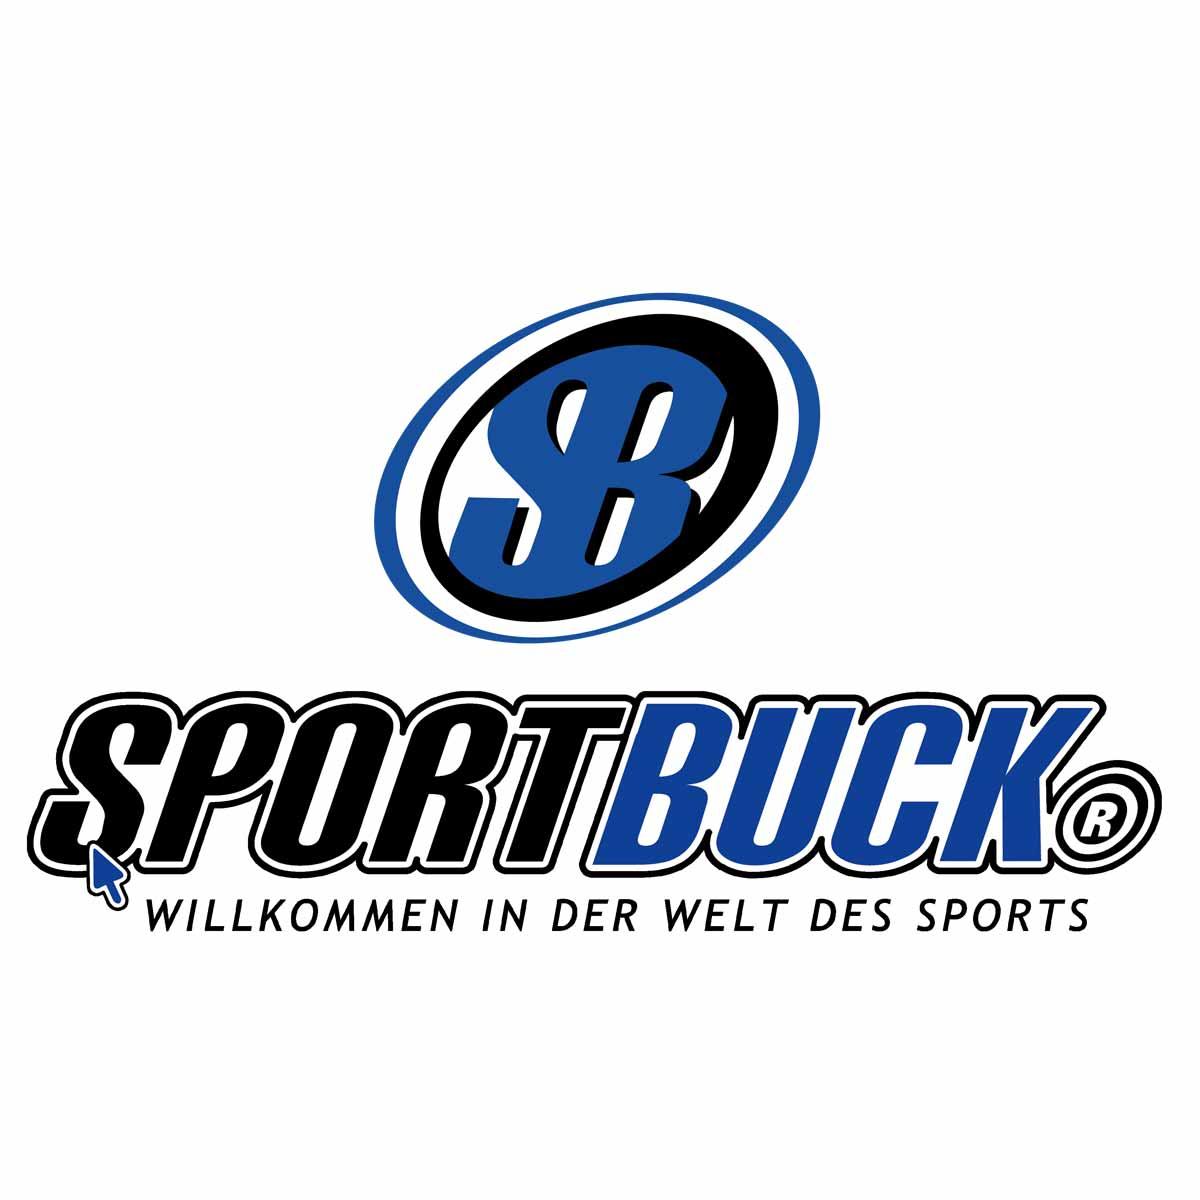 Energy Activator Koffein Shot Booster 200 Cola Zitrone Booster 25ml -  Mindesthaltbarkeitsdatum 08/2021